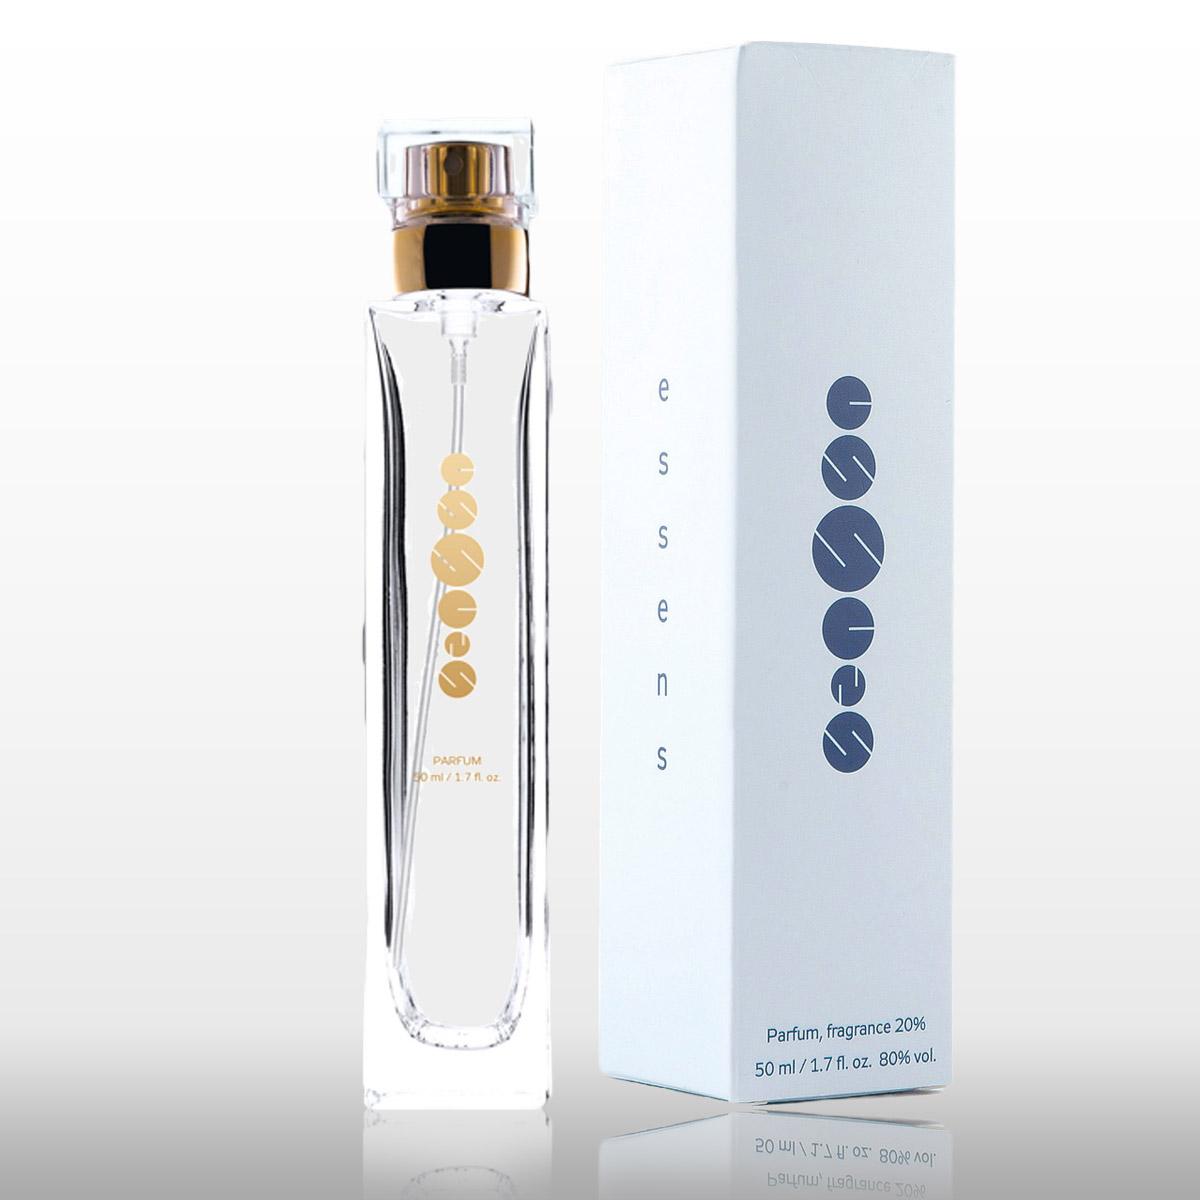 EsParfémy.cz nabízí parfémy mnohem levněji. Vybrat si lze z až 40 oblíbených vůní.